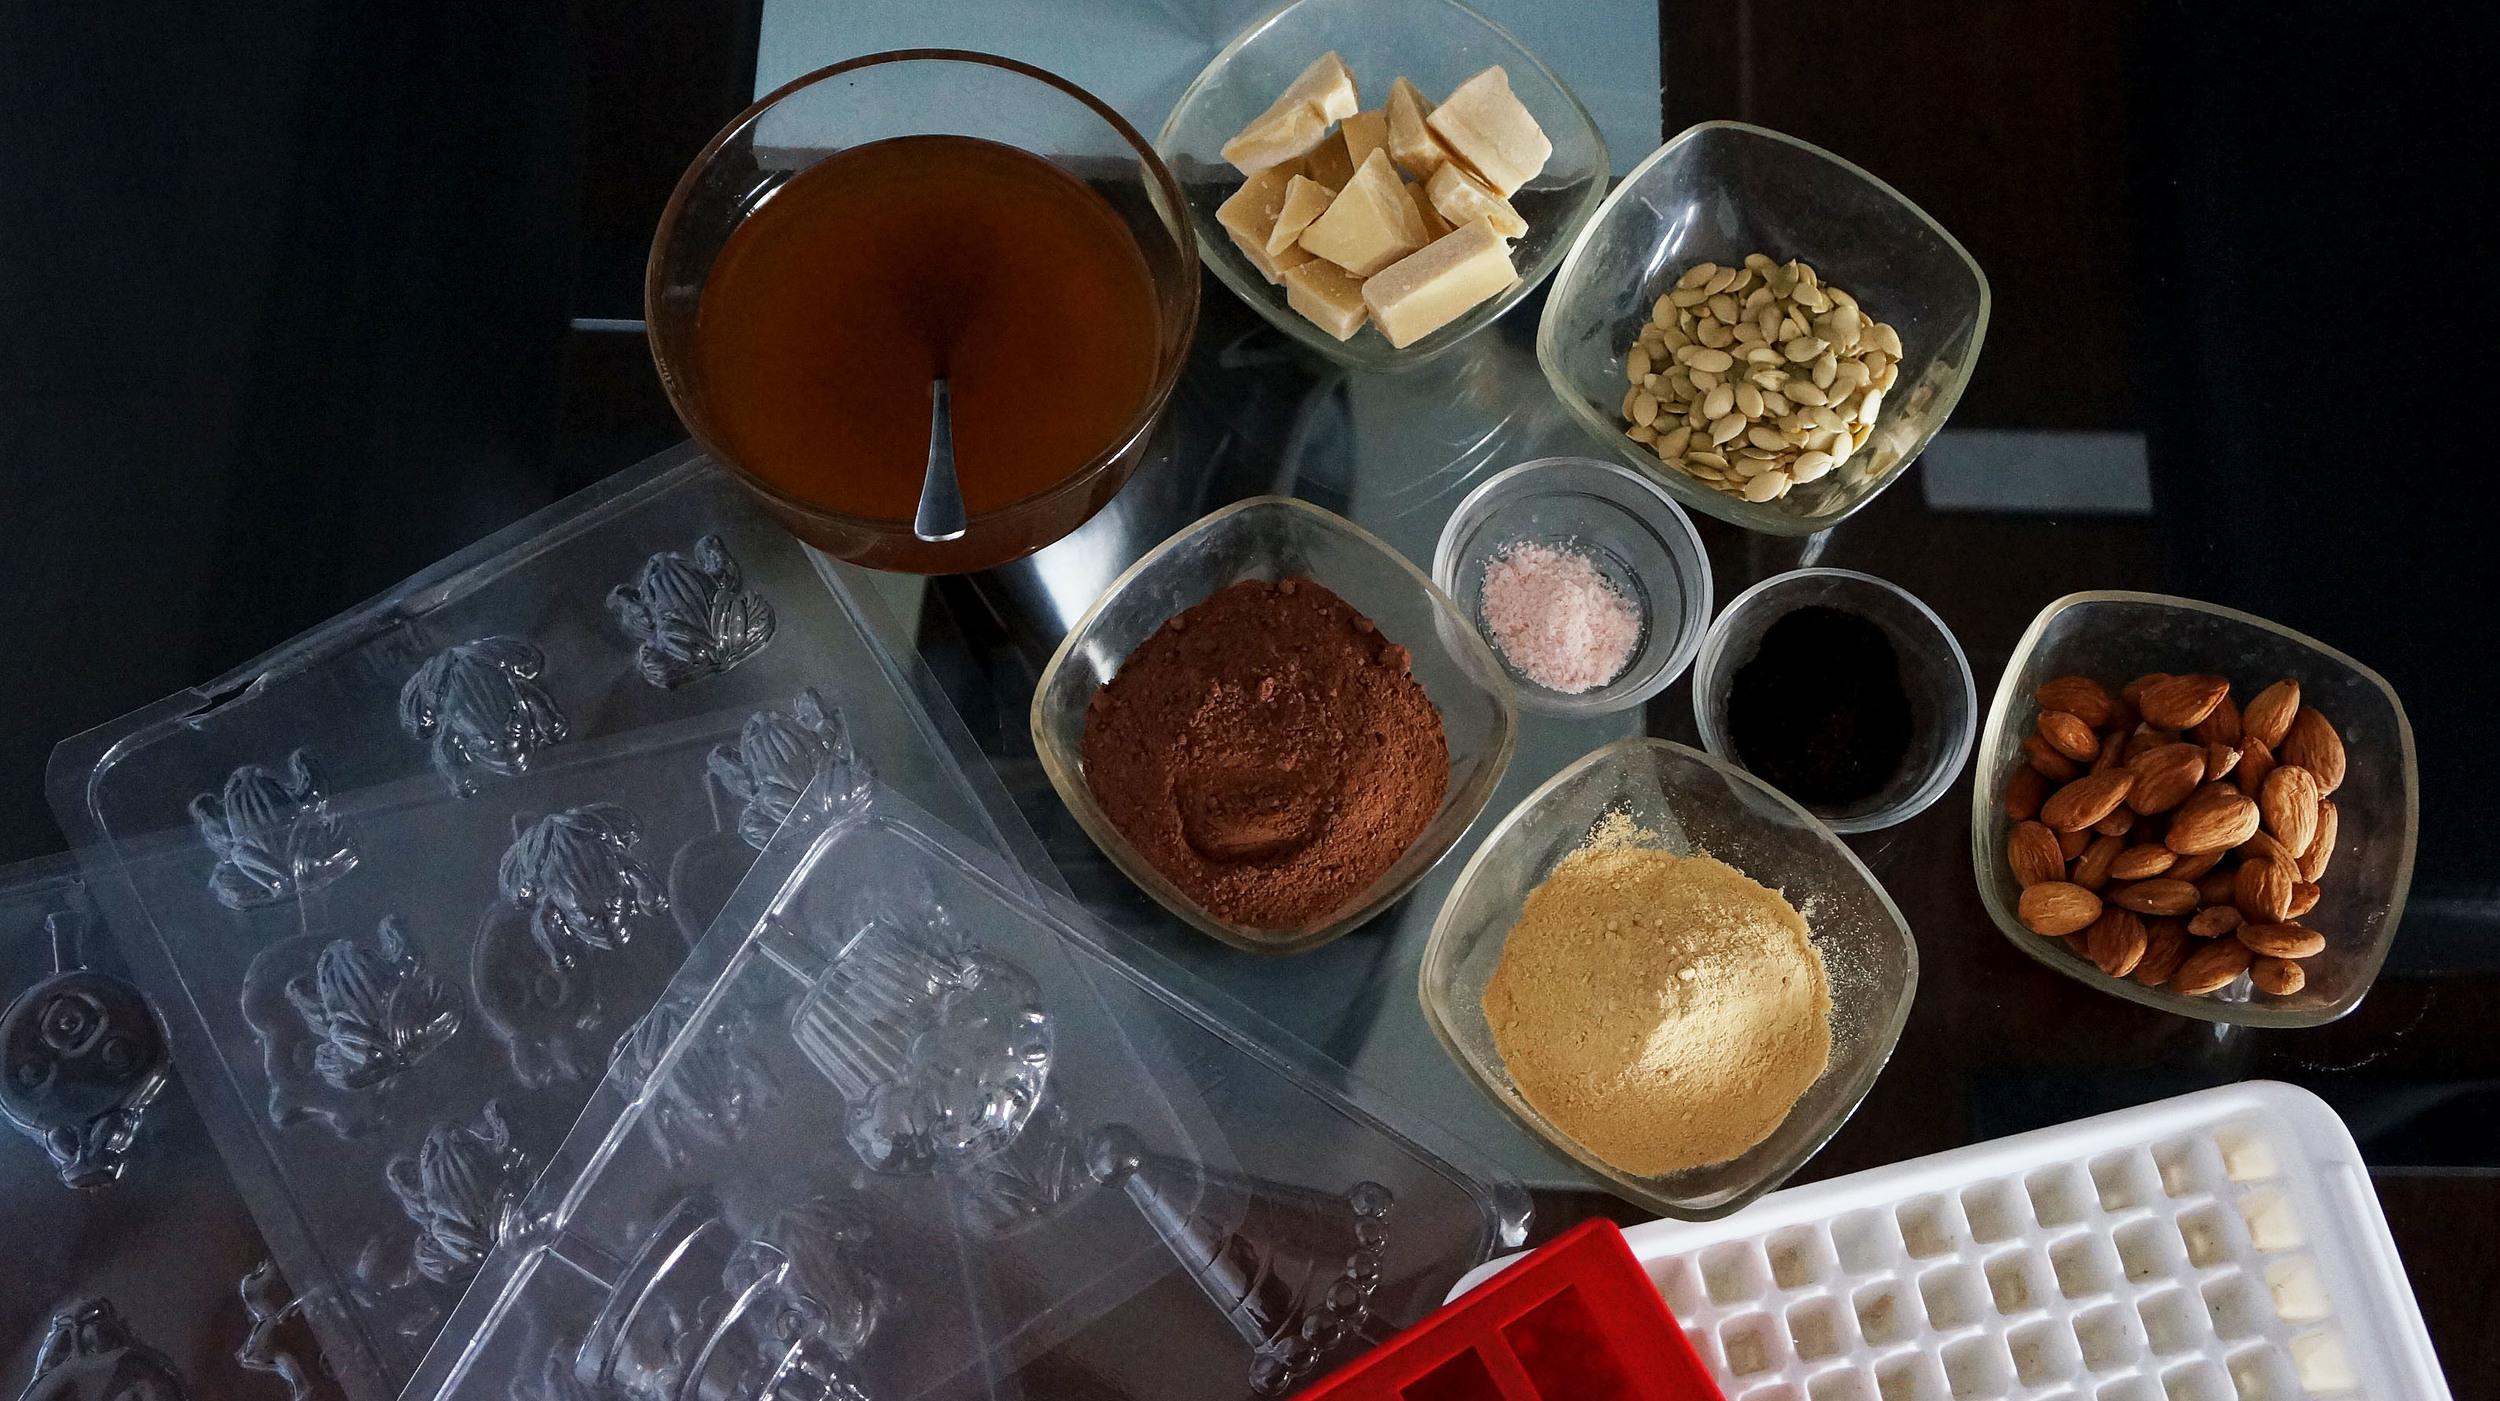 Usa ingredientes básicos para comenzar: Cacao en Polvo, Manteca de Cacao, endulzante y Nueces